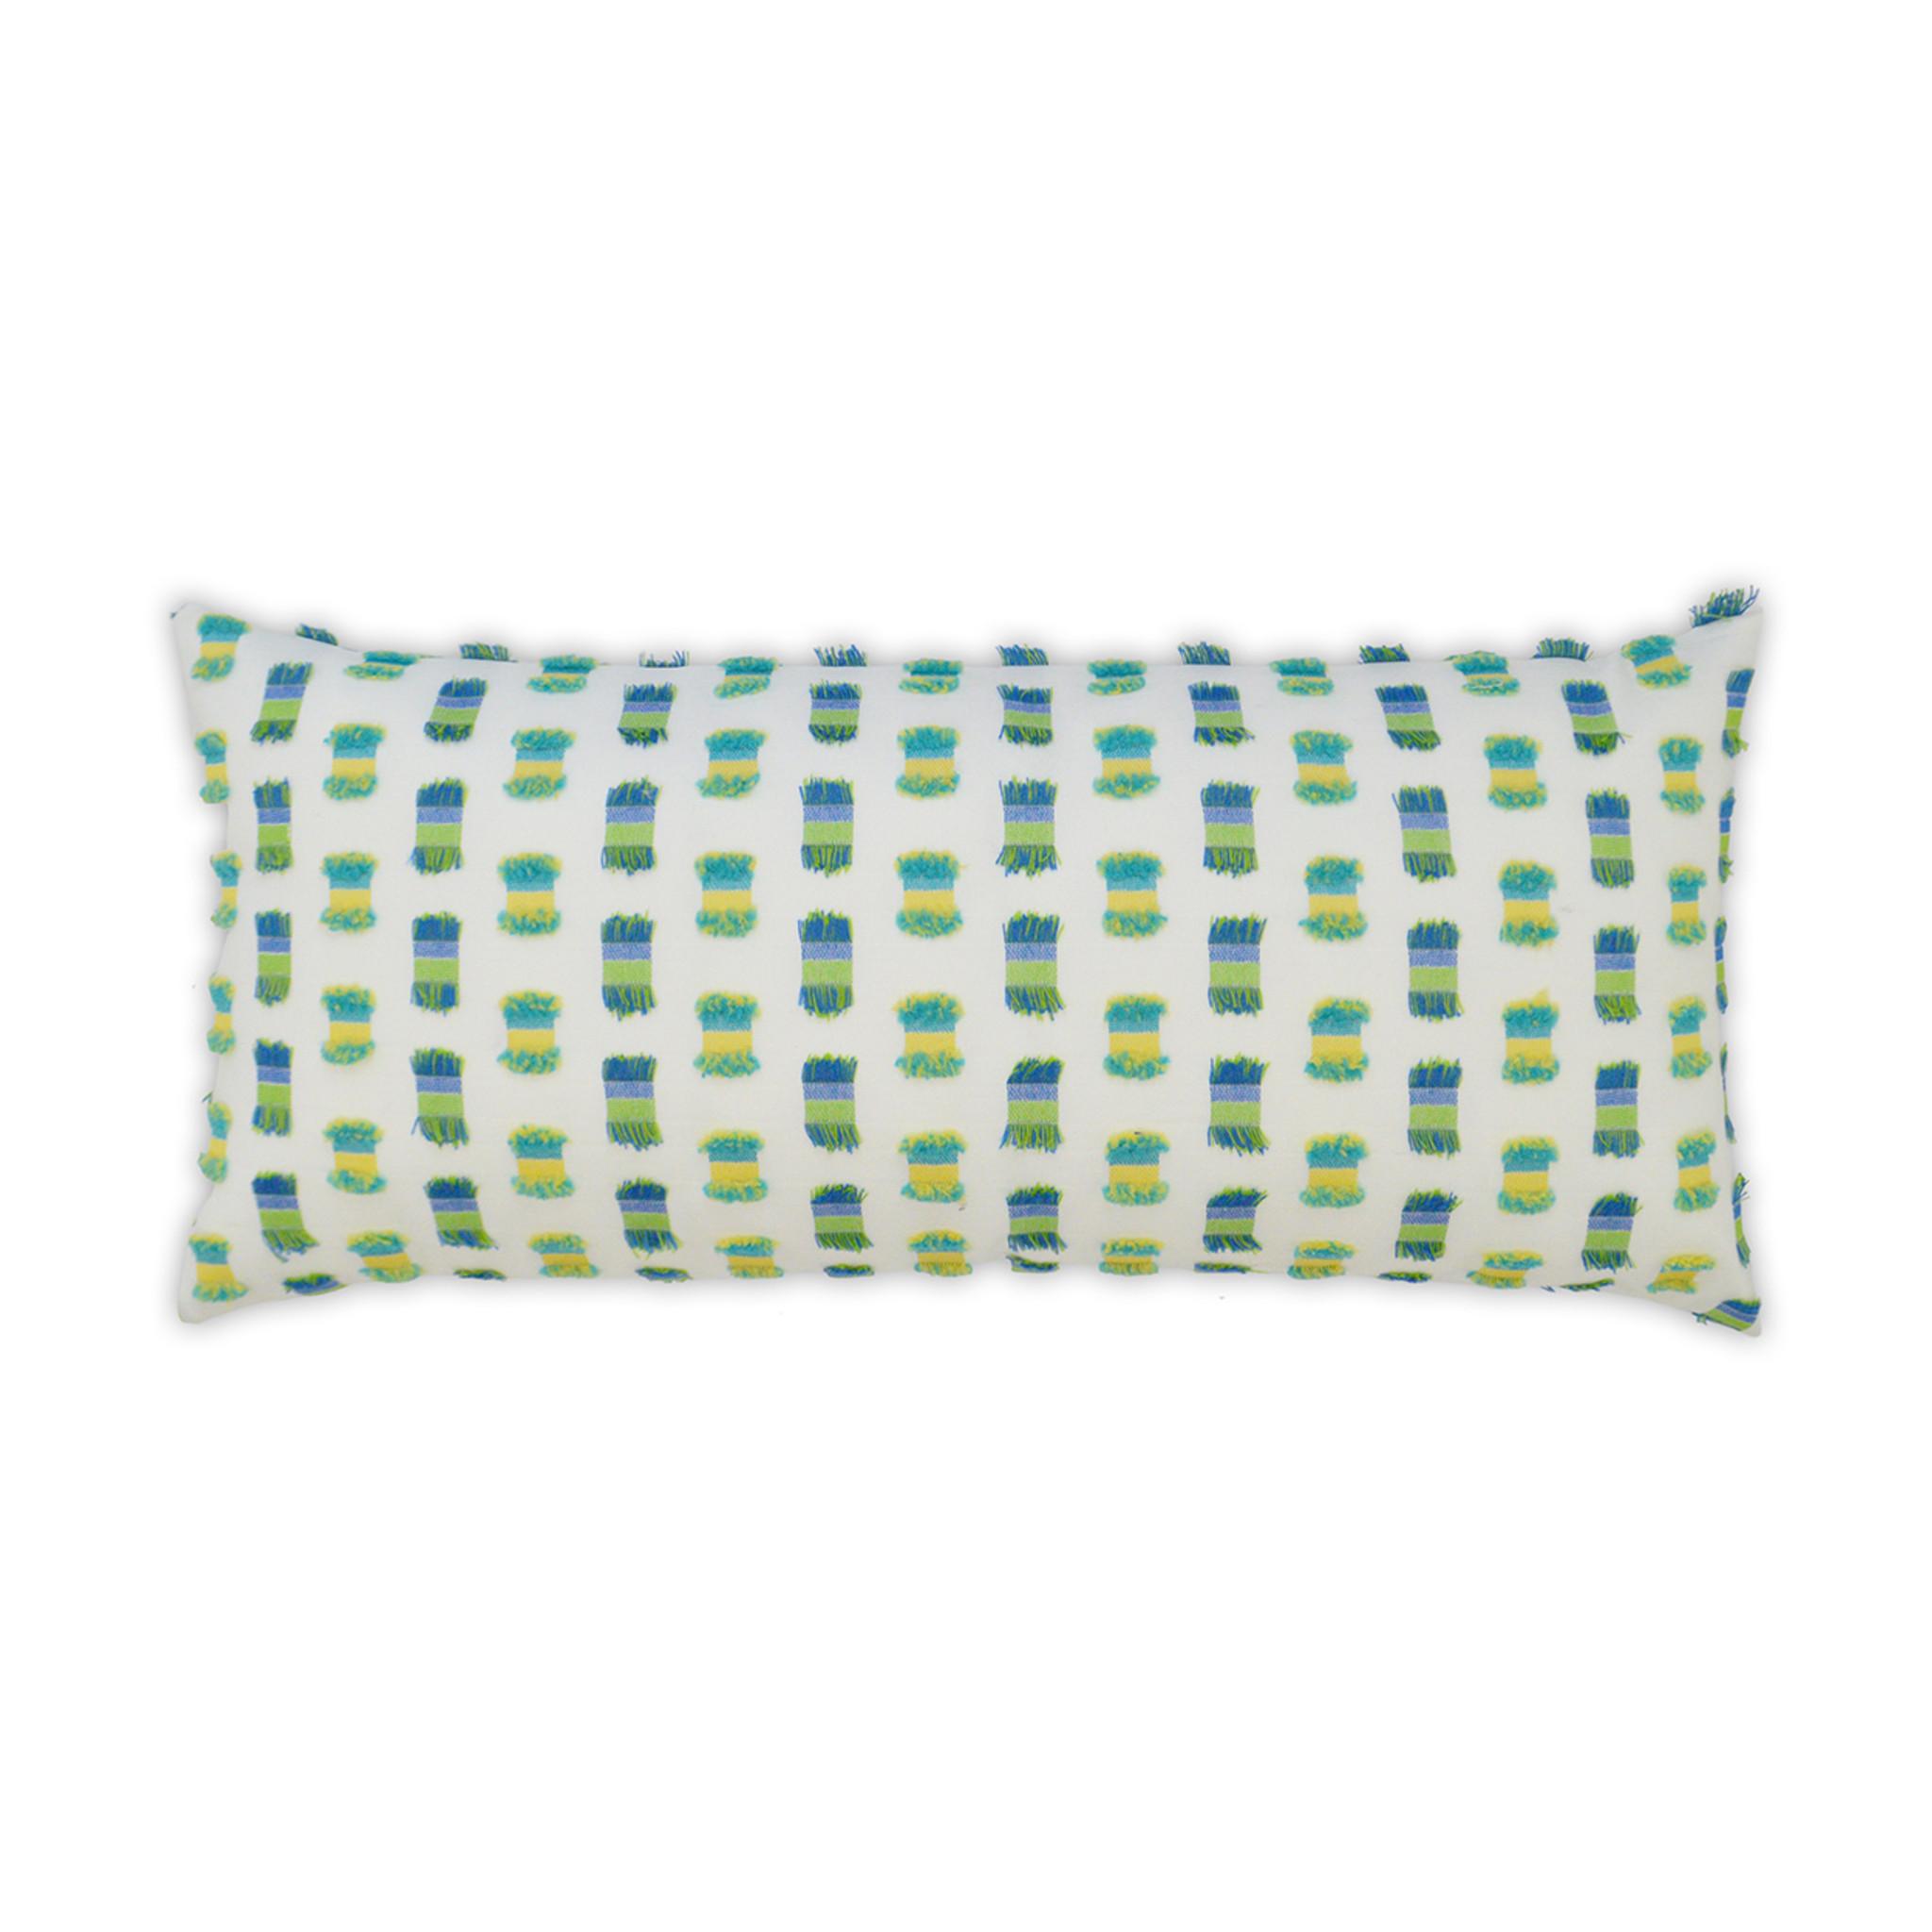 fifi green indoor outdoor 12 x 24 luxury pillow